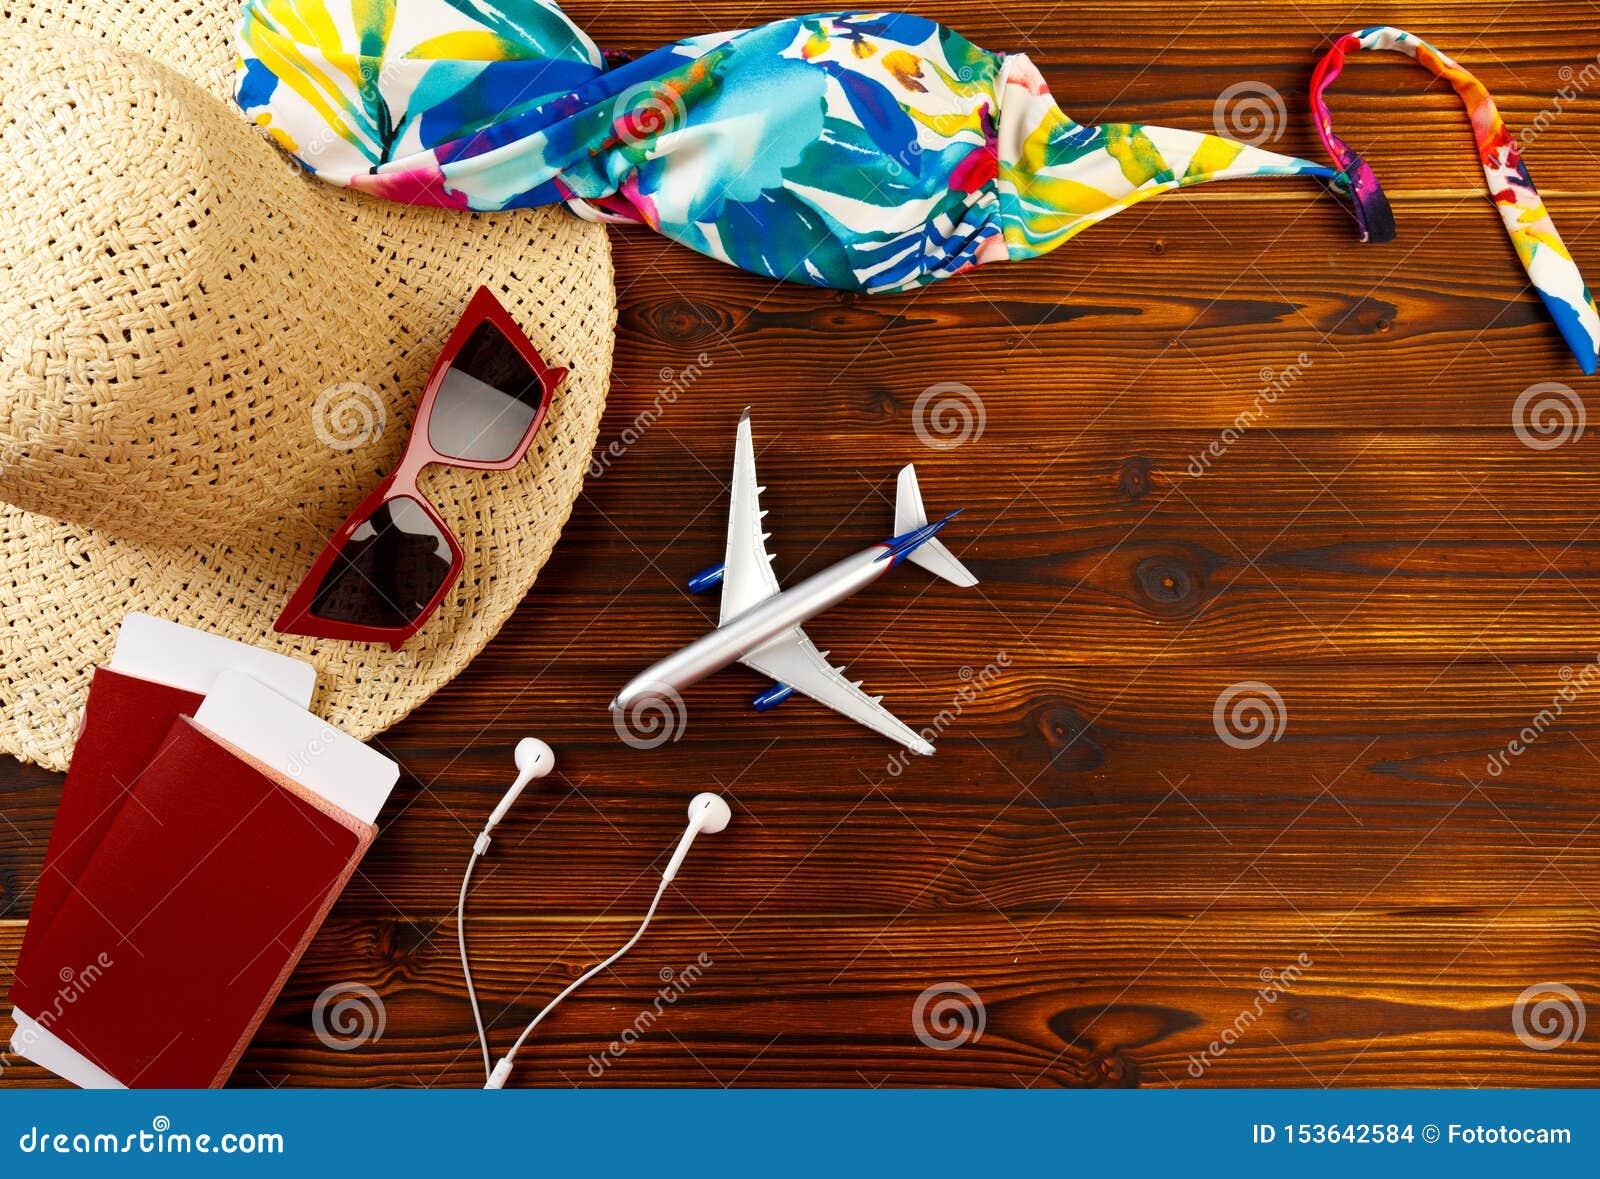 Υπερυψωμένη άποψη των ταξιδιωτικών εξαρτημάτων, ουσιαστικά στοιχεία διακοπών, υπόβαθρο έννοιας ταξιδιού - εικόνα